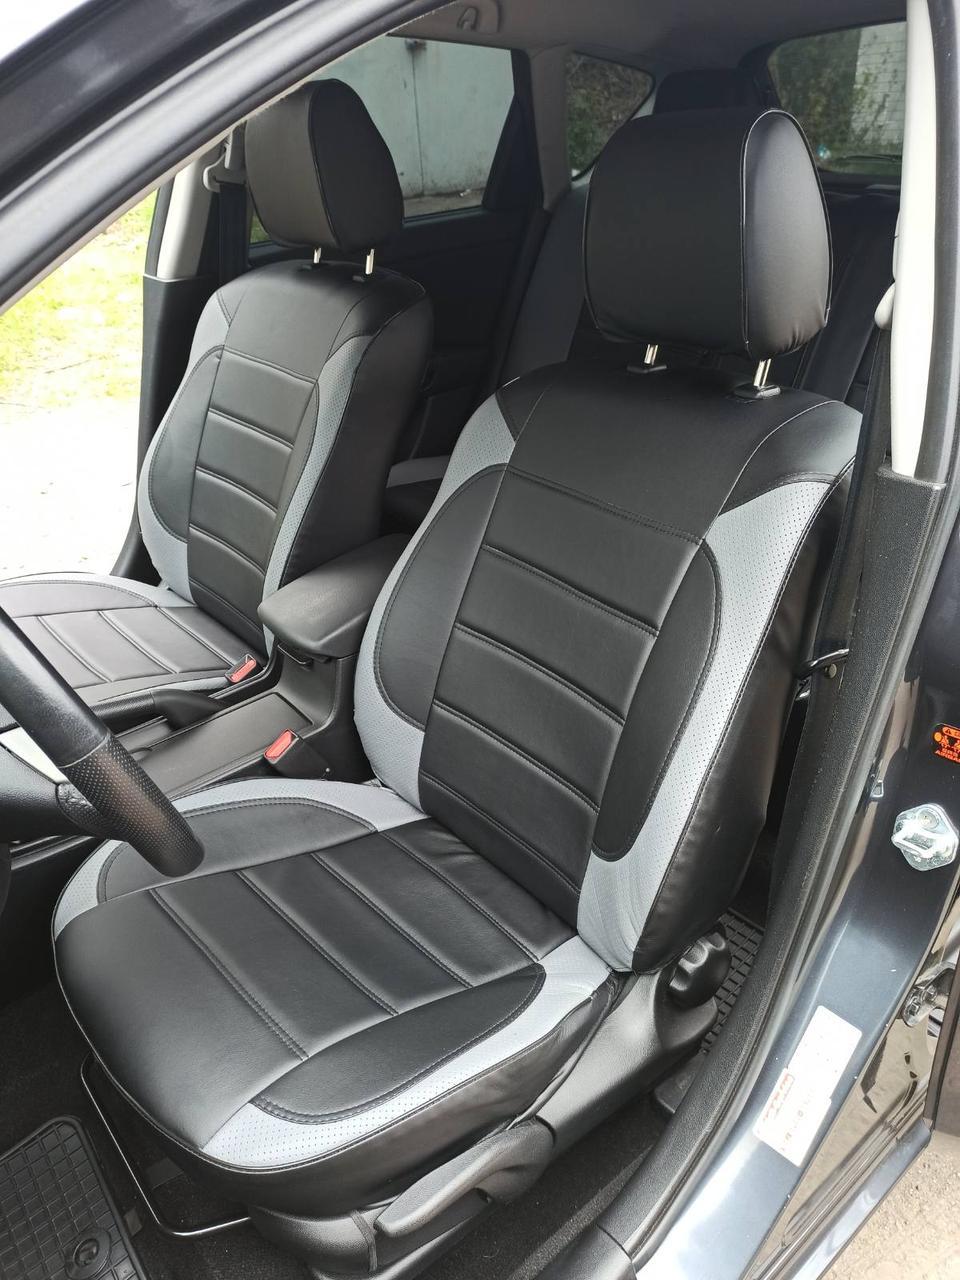 Чохли на сидіння Пежо 208 (Peugeot 208) (модельні, MAX-L, окремий підголовник) Чорно-сірий Чорно-сірий